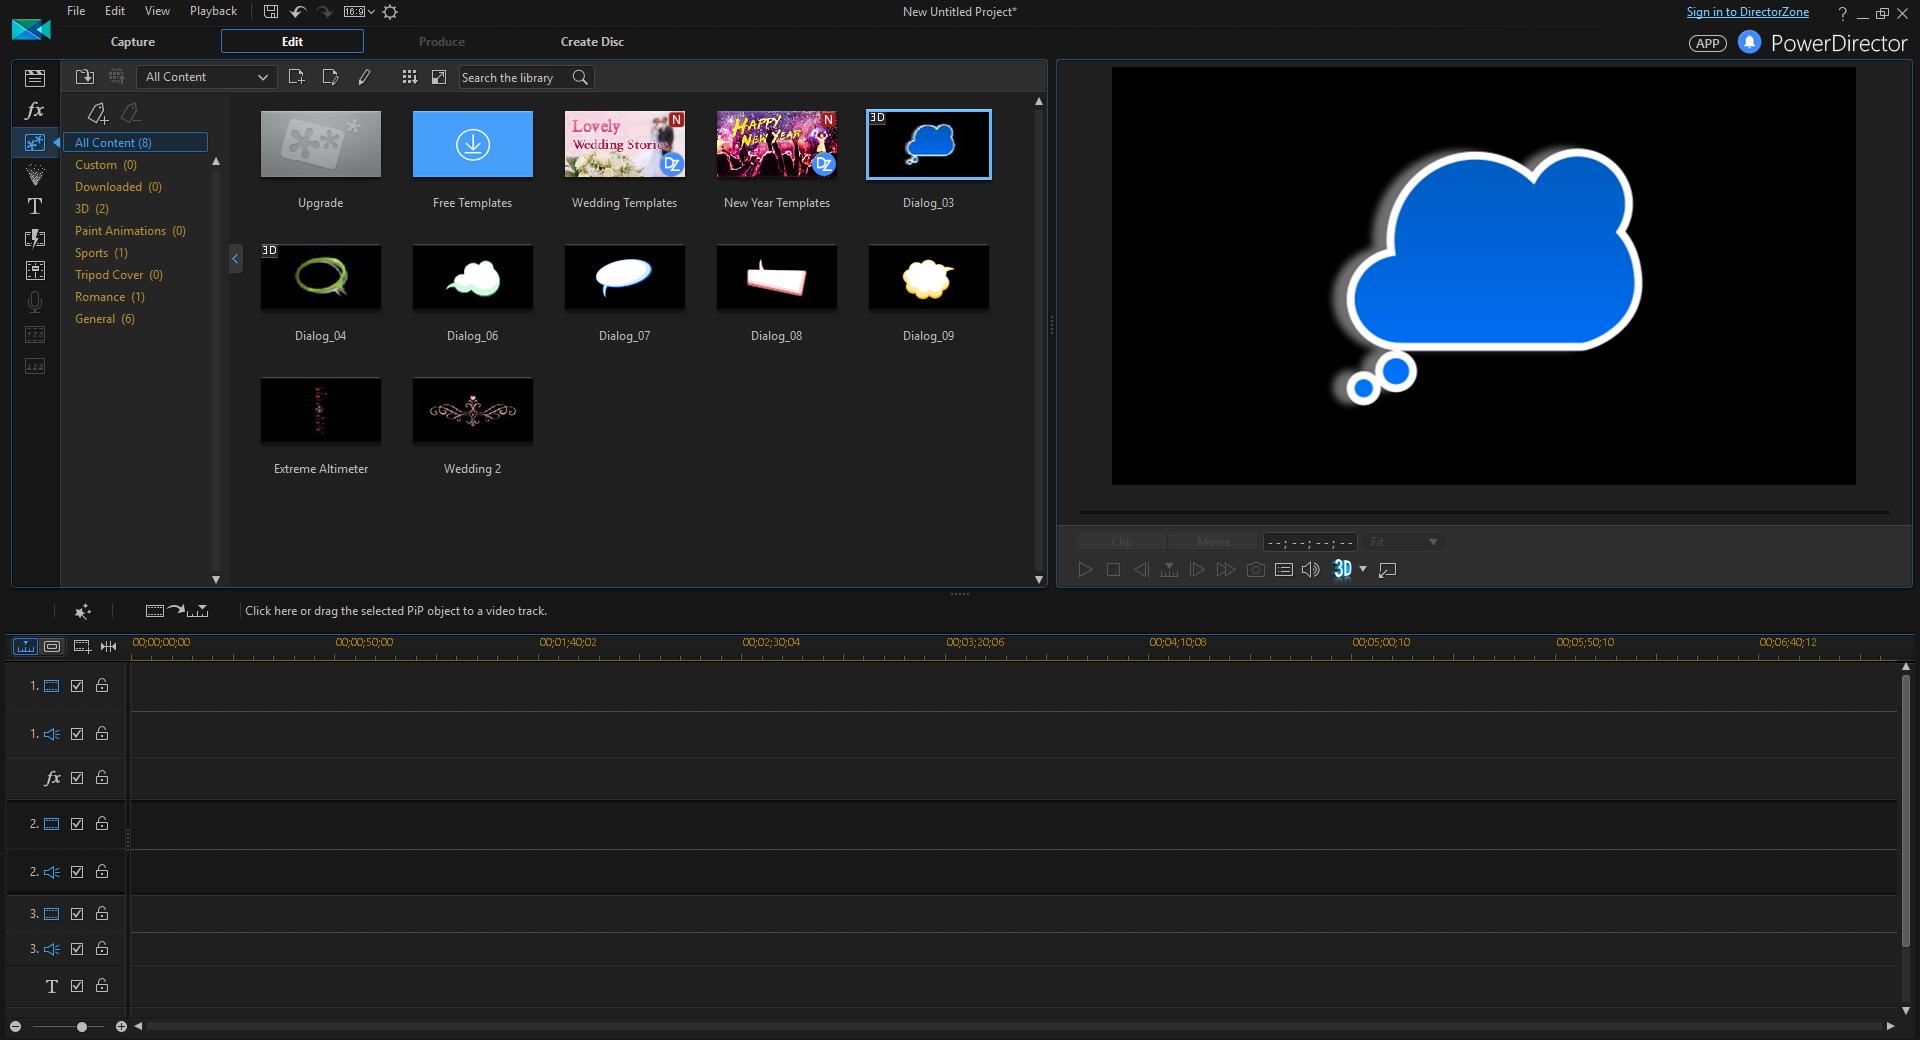 PowerDirector, Video Software Screenshot